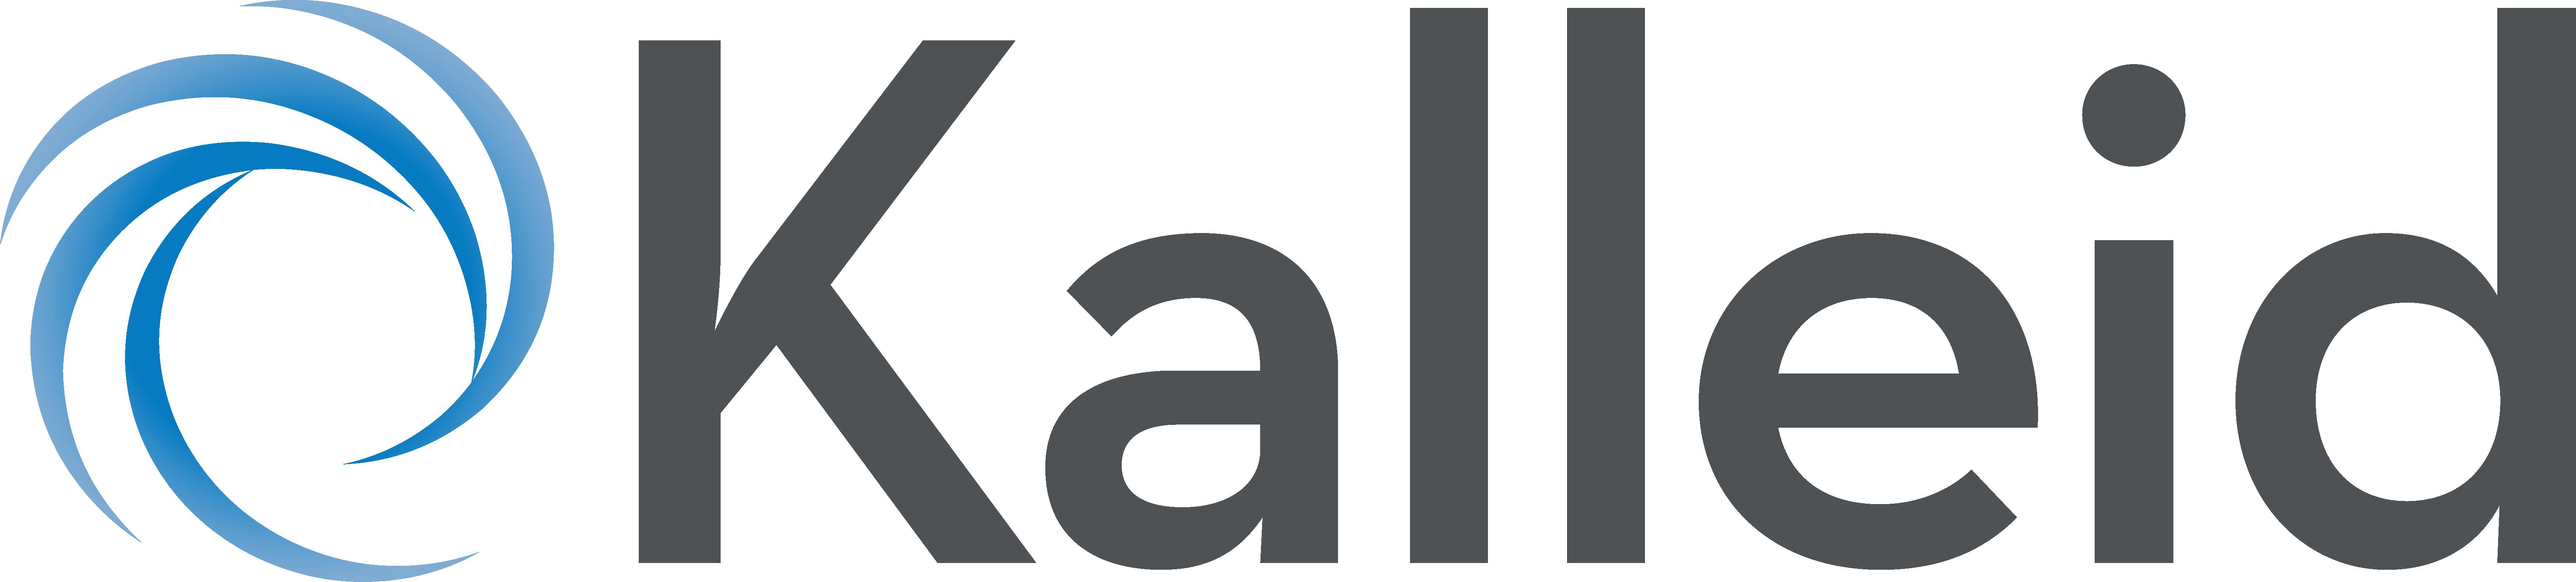 Kalleid-RGB-horizontal-logo